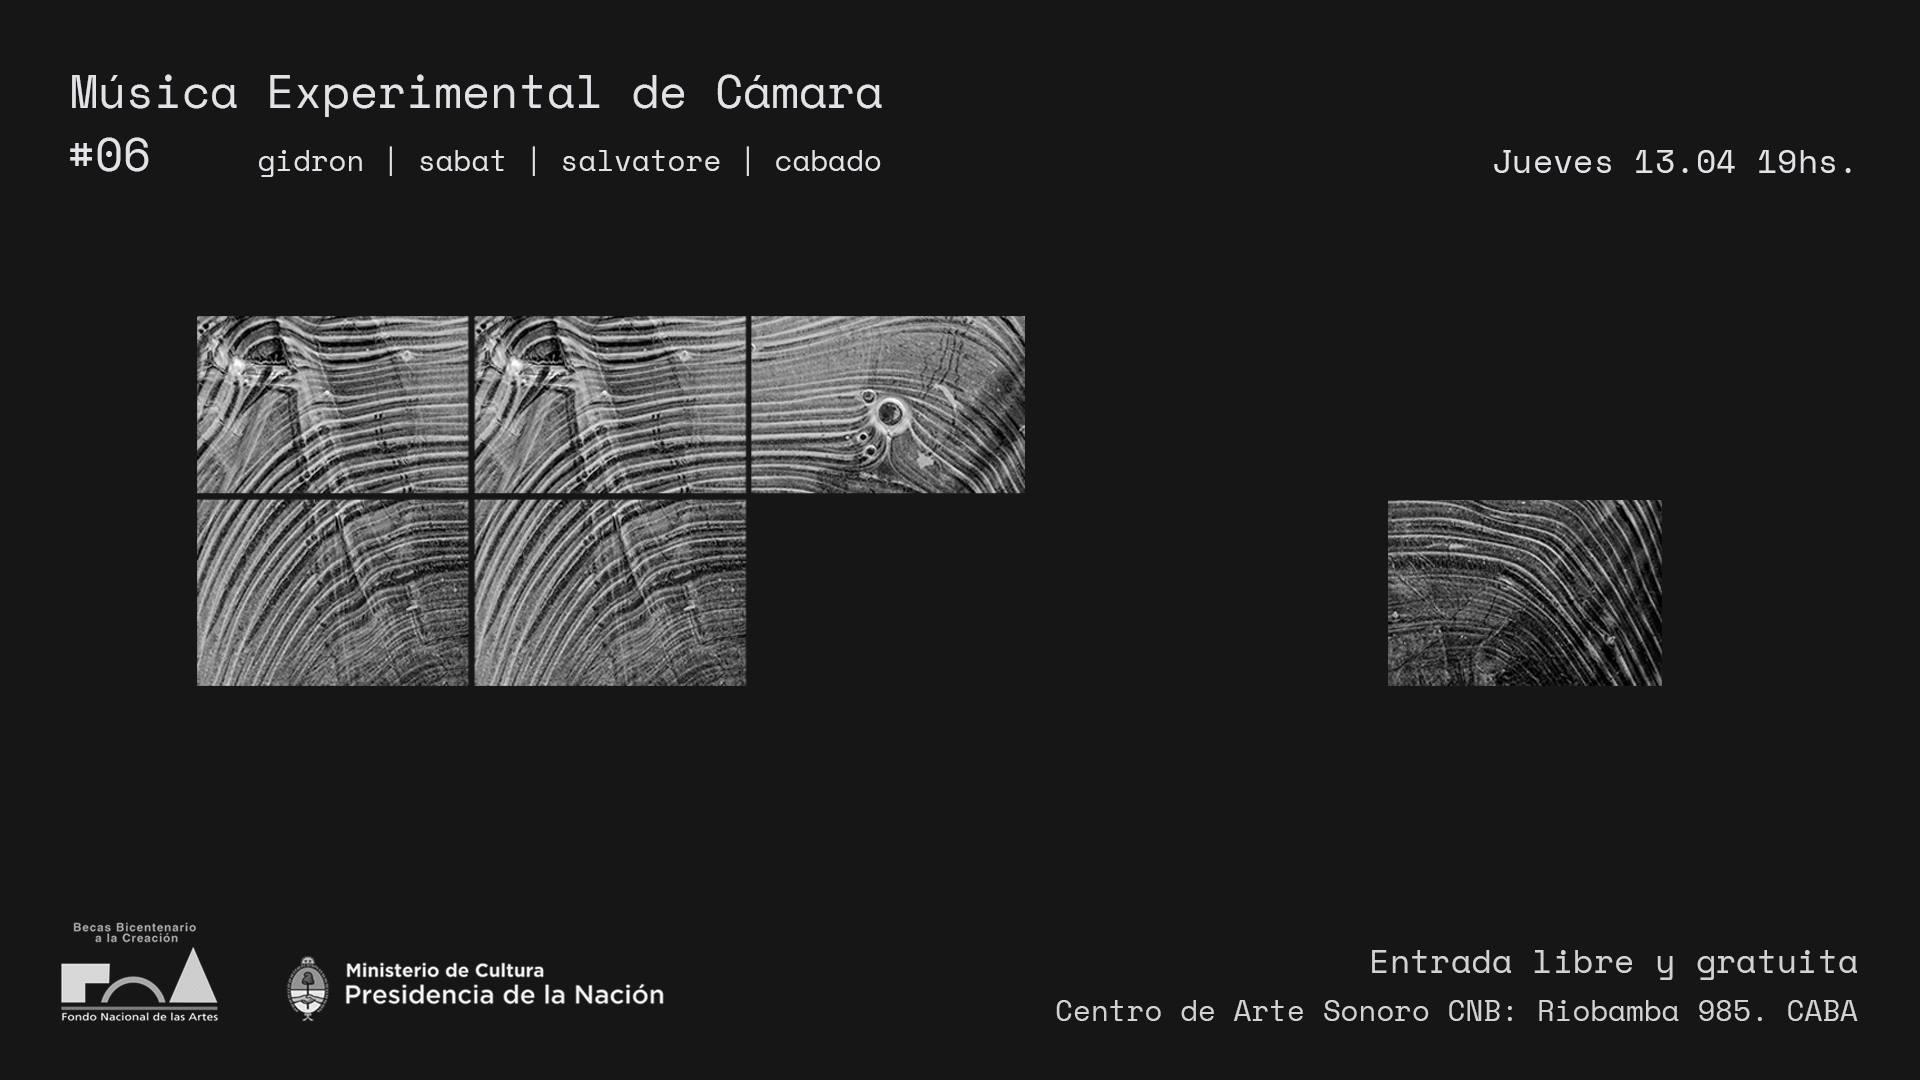 MusicaExperimentalDeCamara